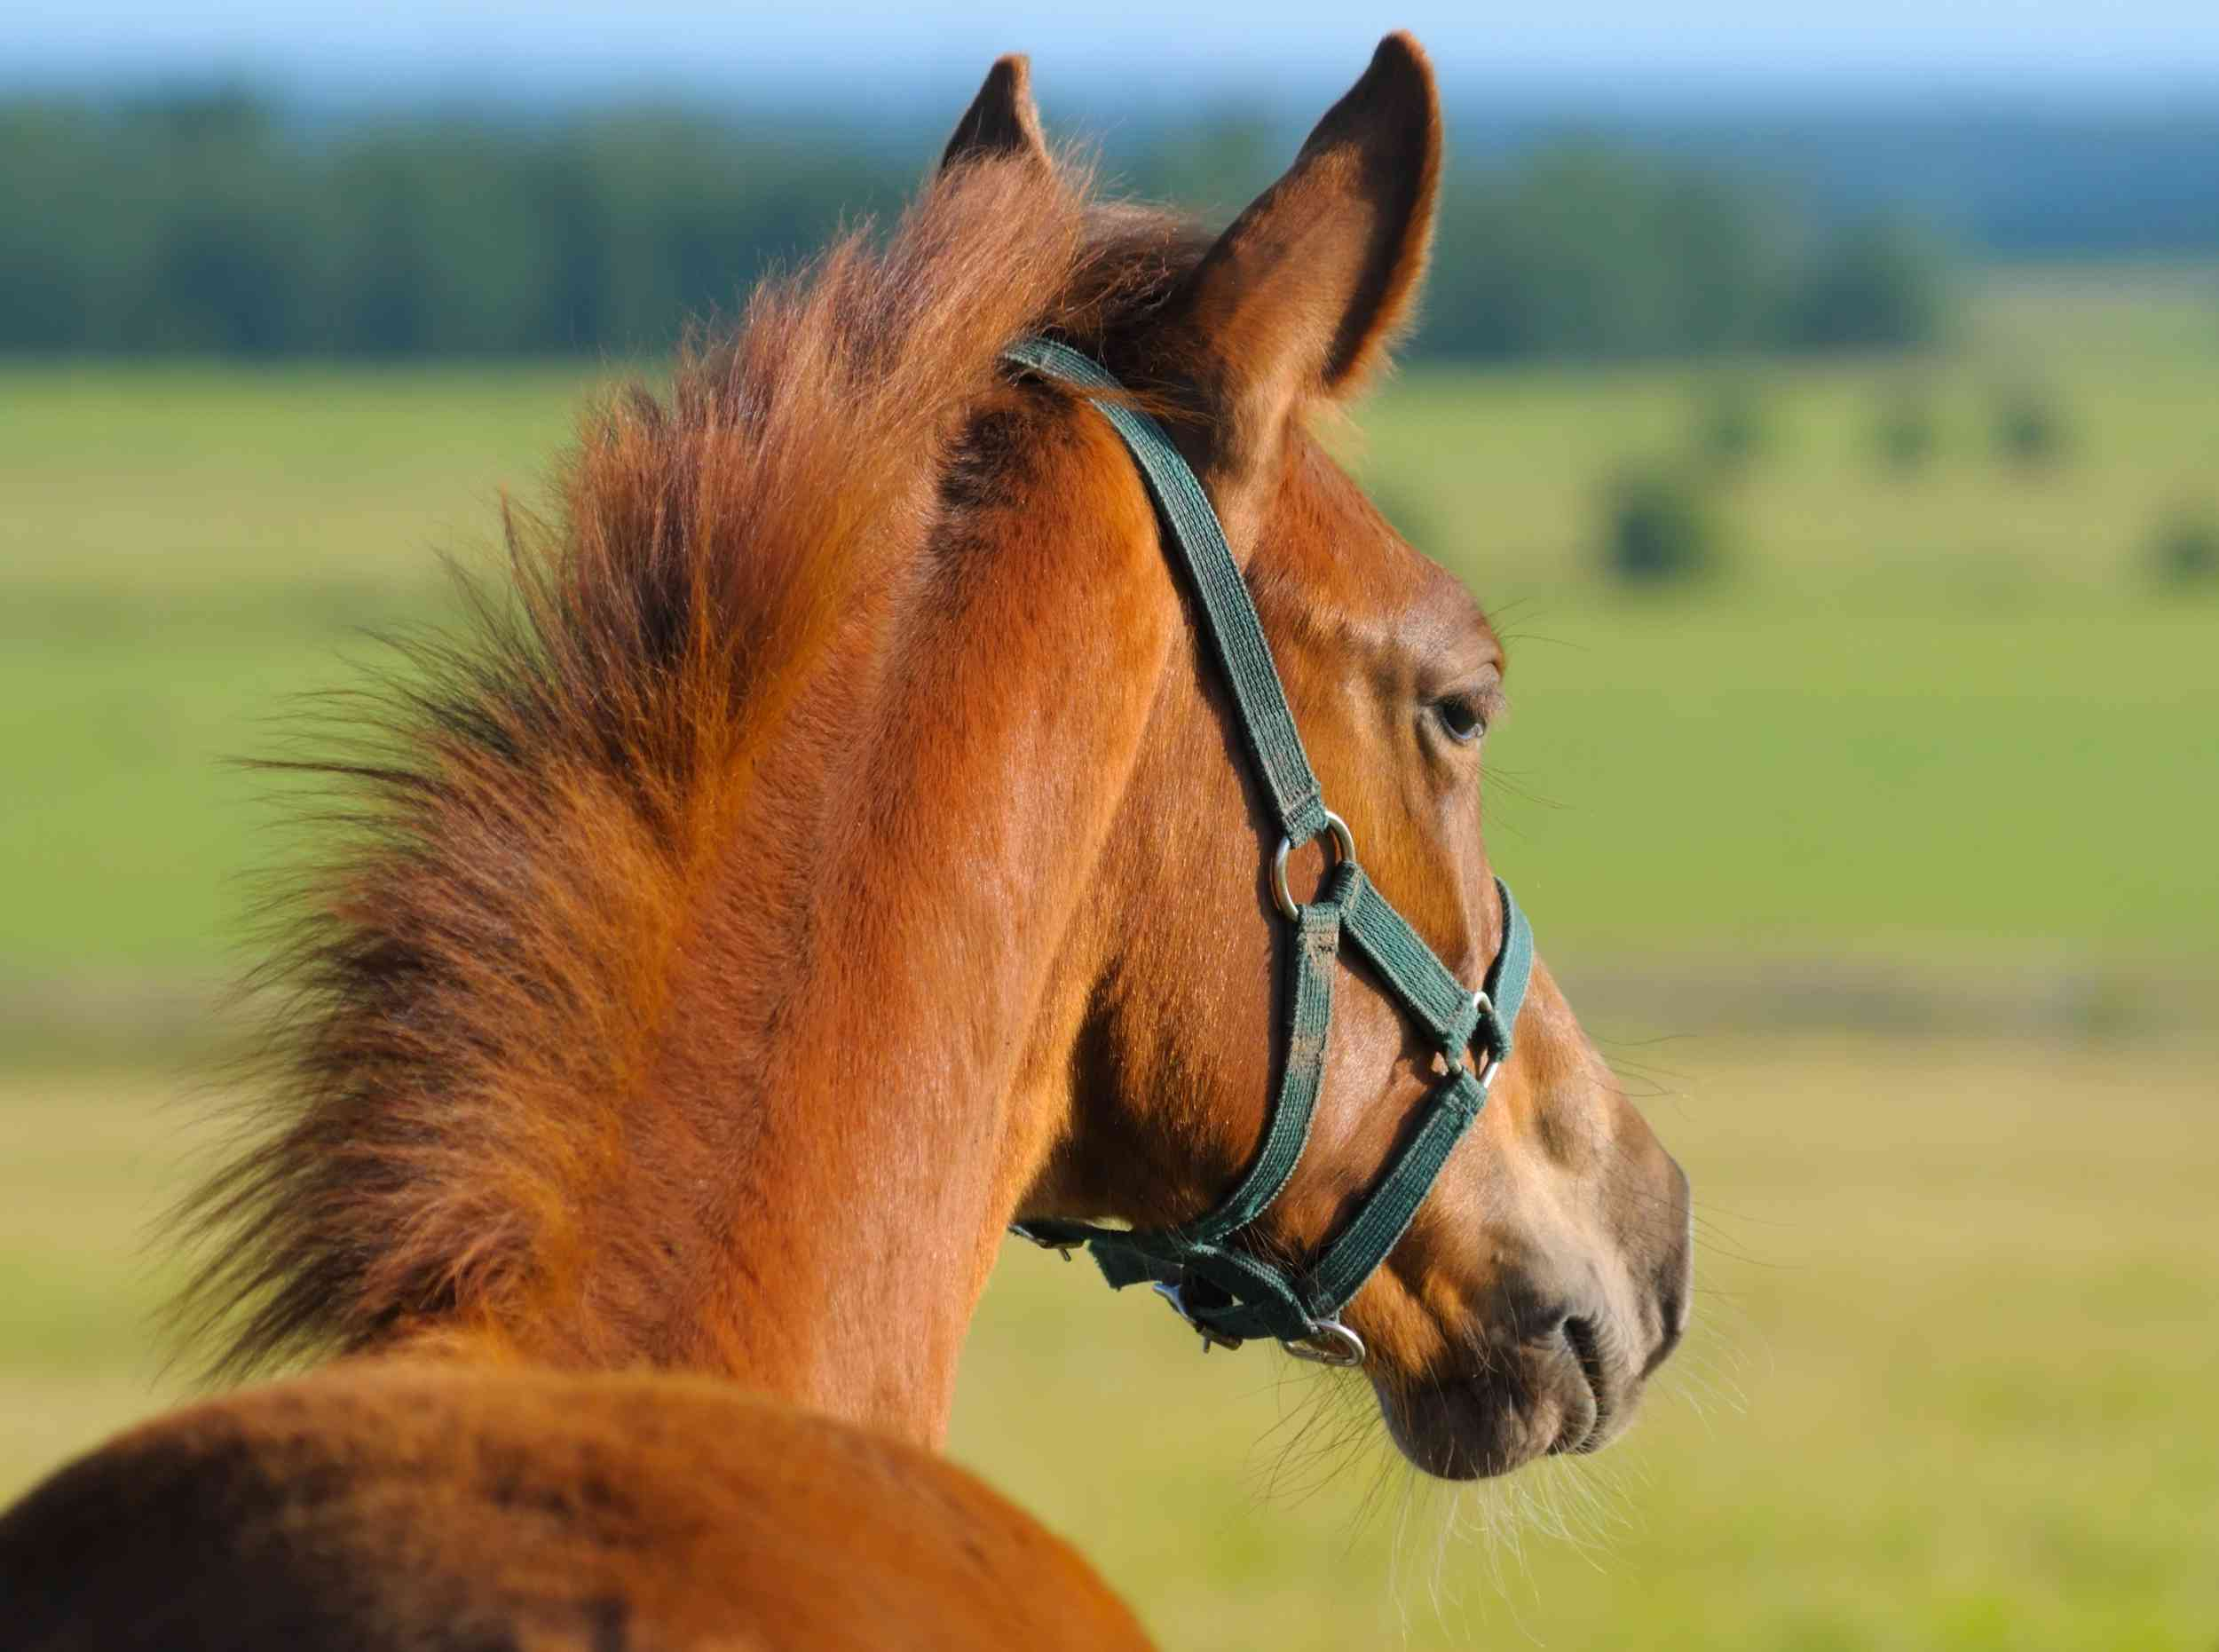 Chestnut Trakehner foal in a field